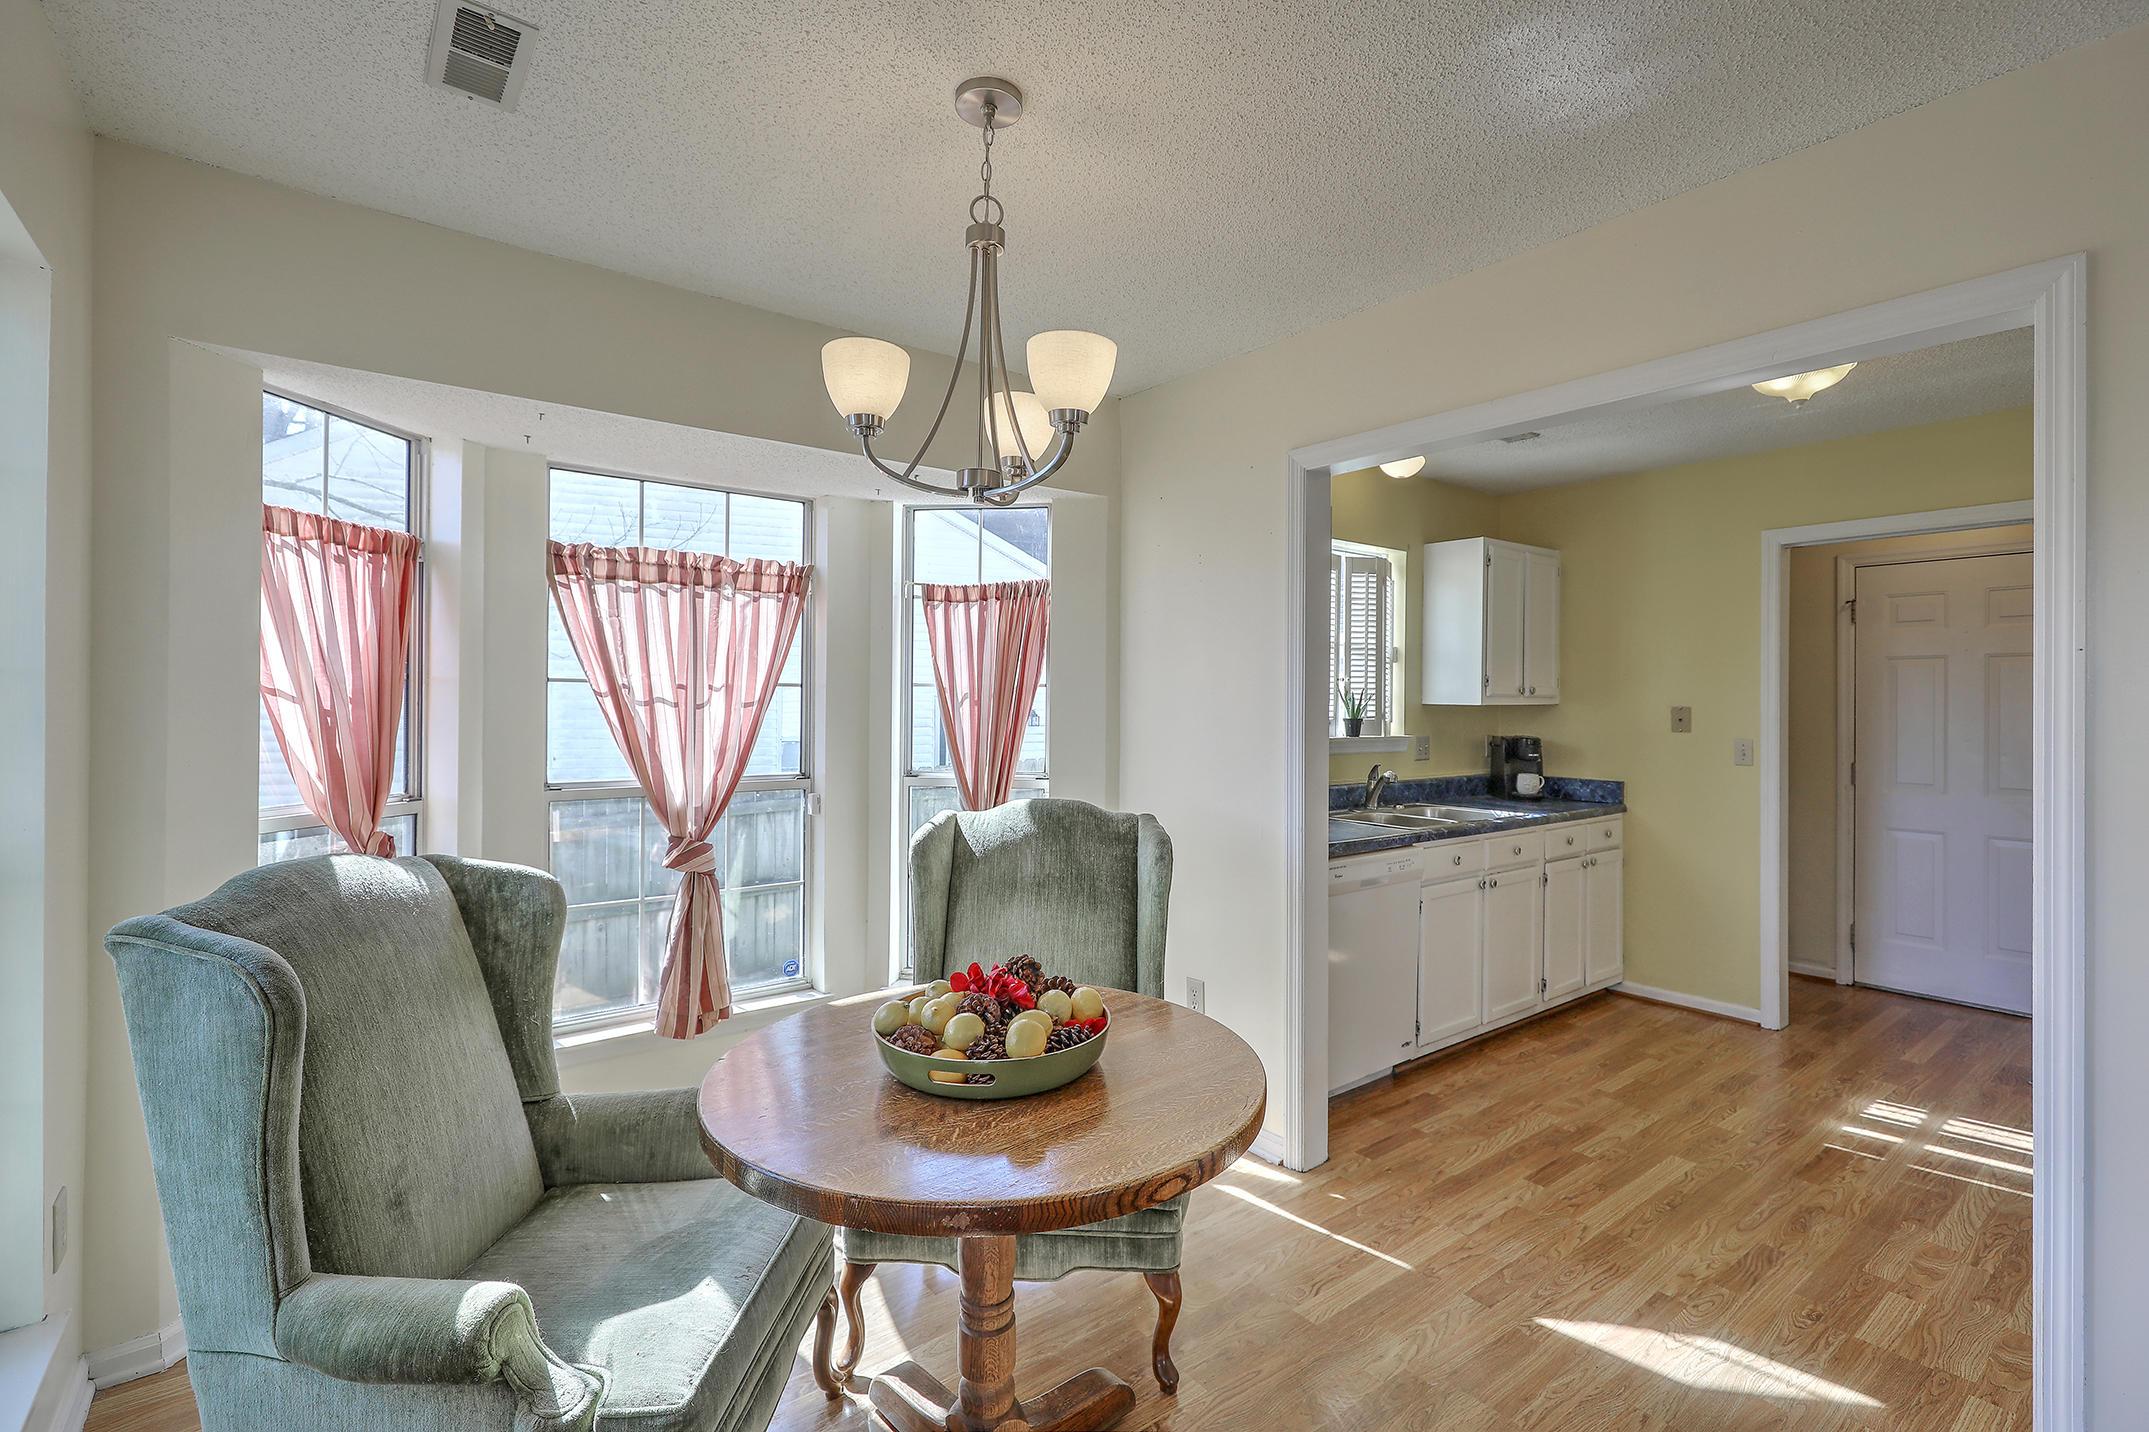 Crichton Parish Homes For Sale - 107 Parish Parc, Summerville, SC - 8